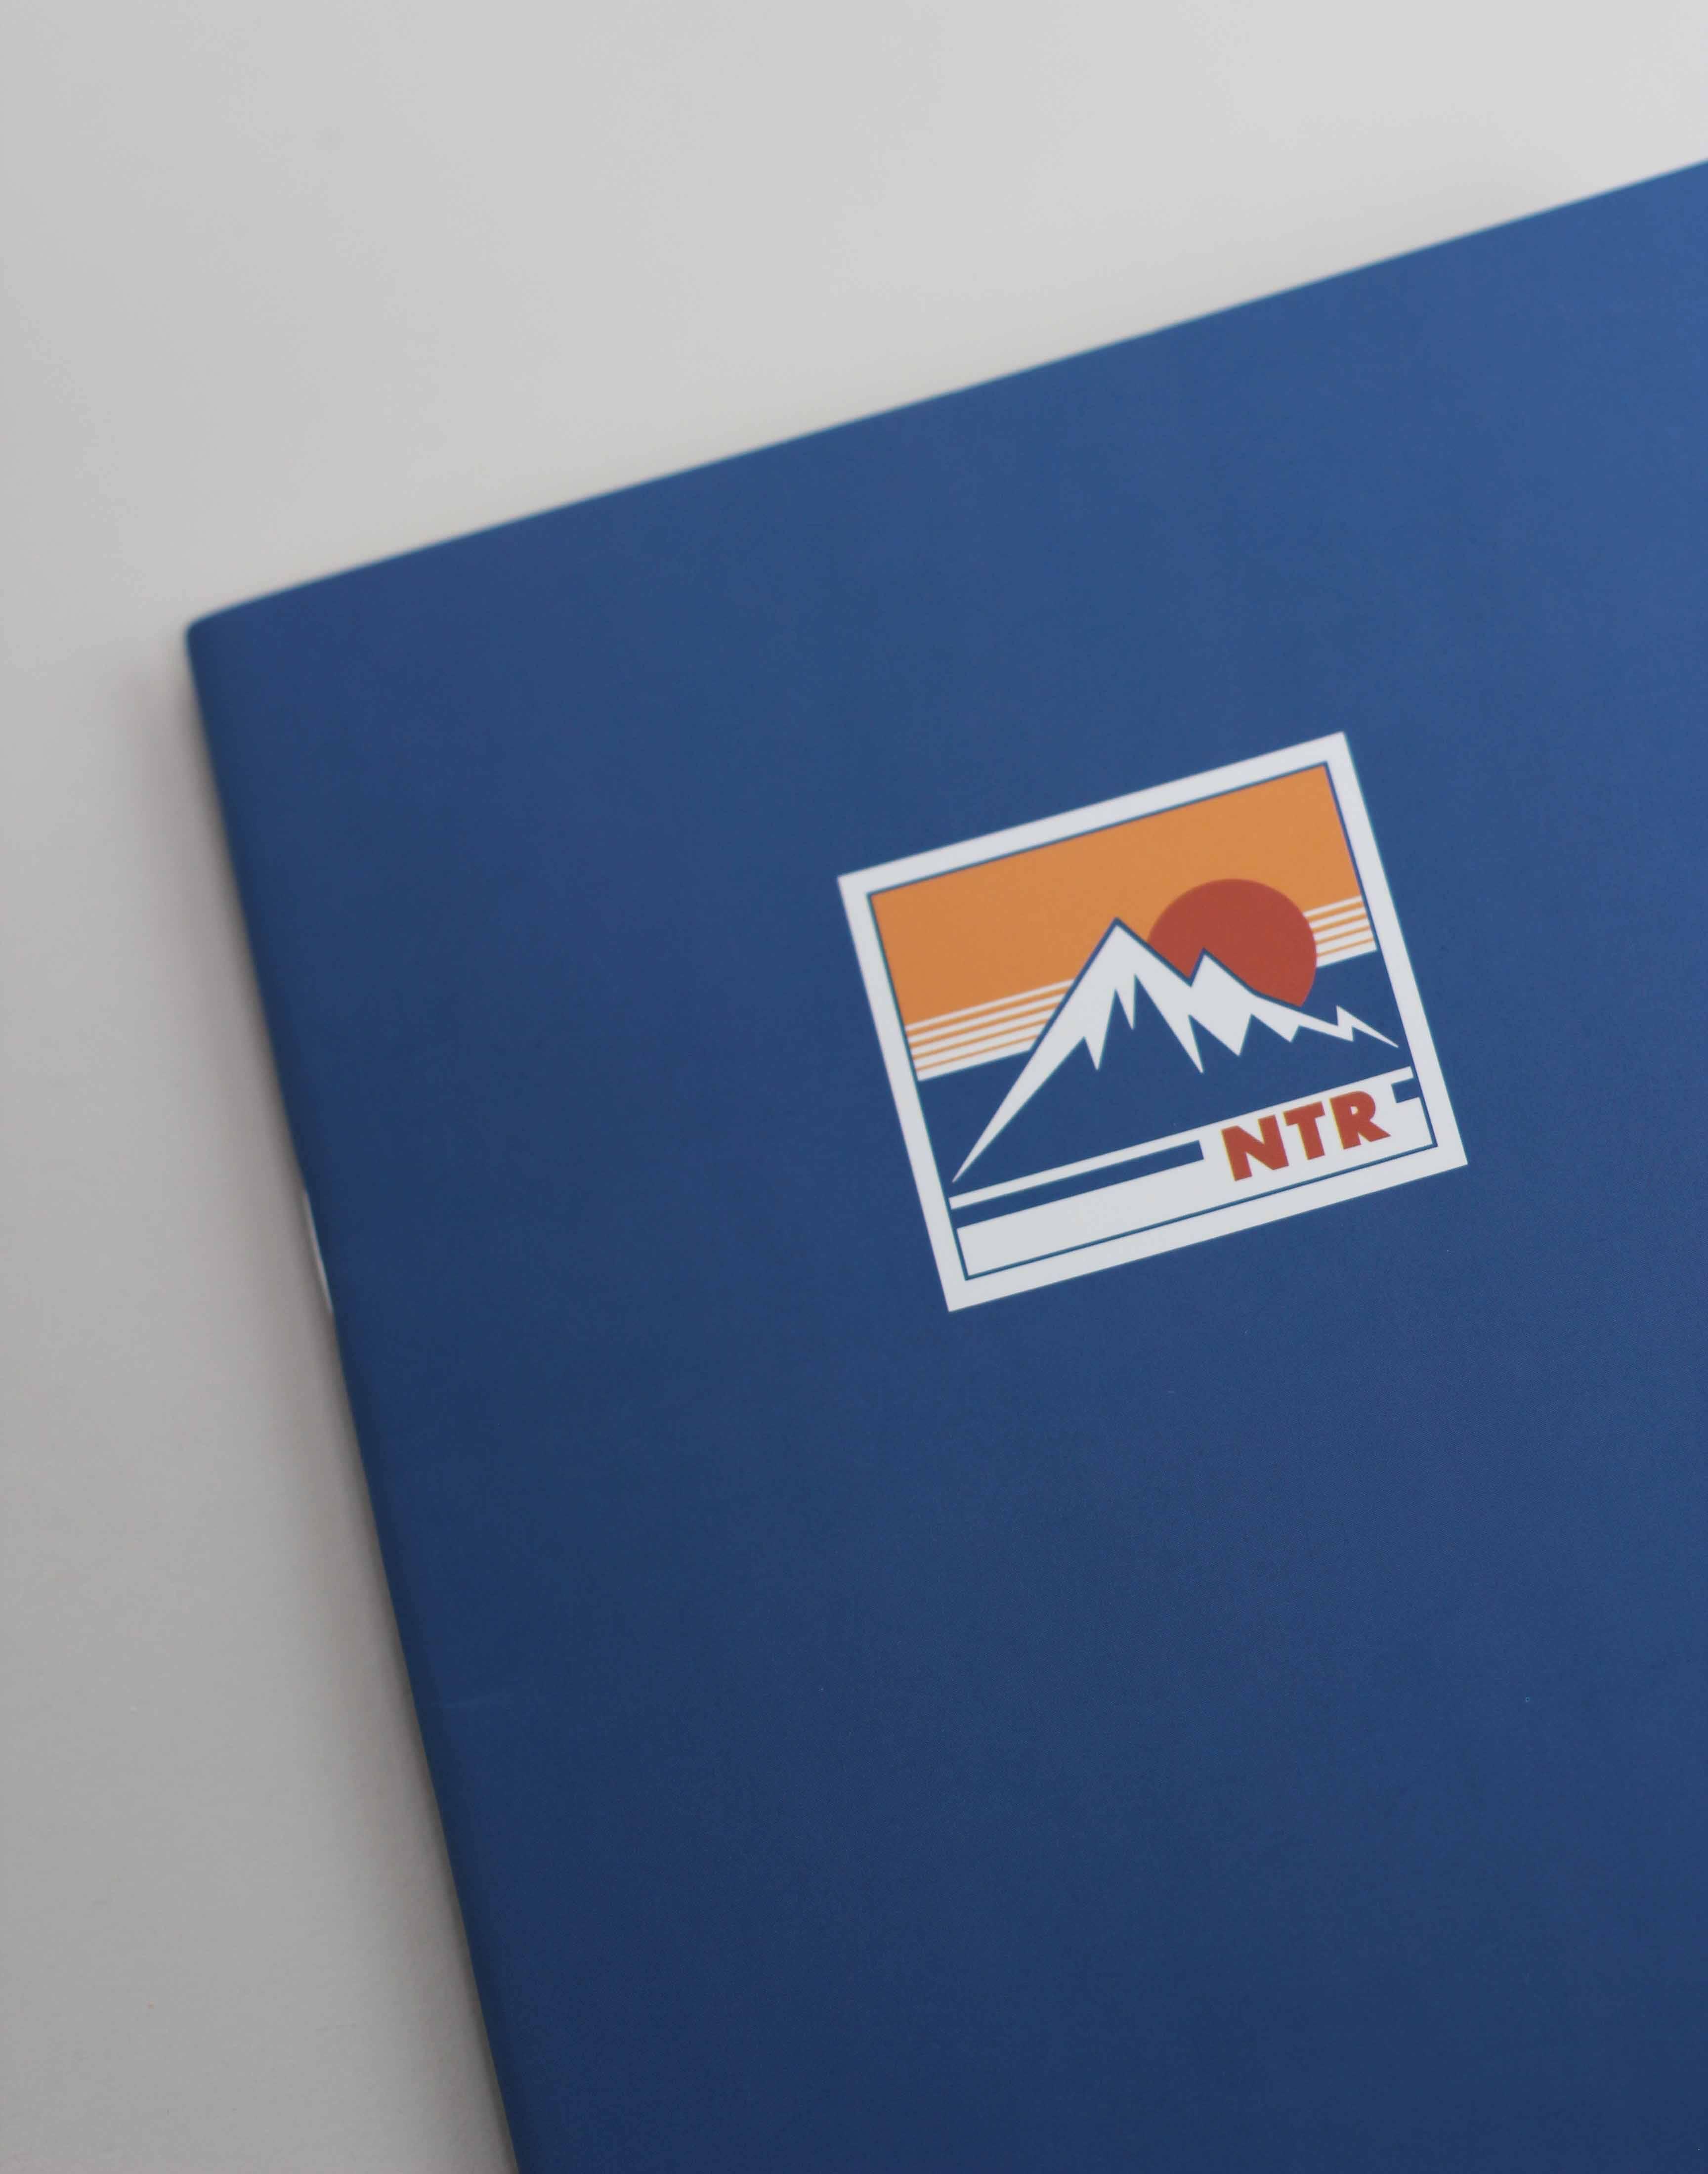 Libreta ntr mountain